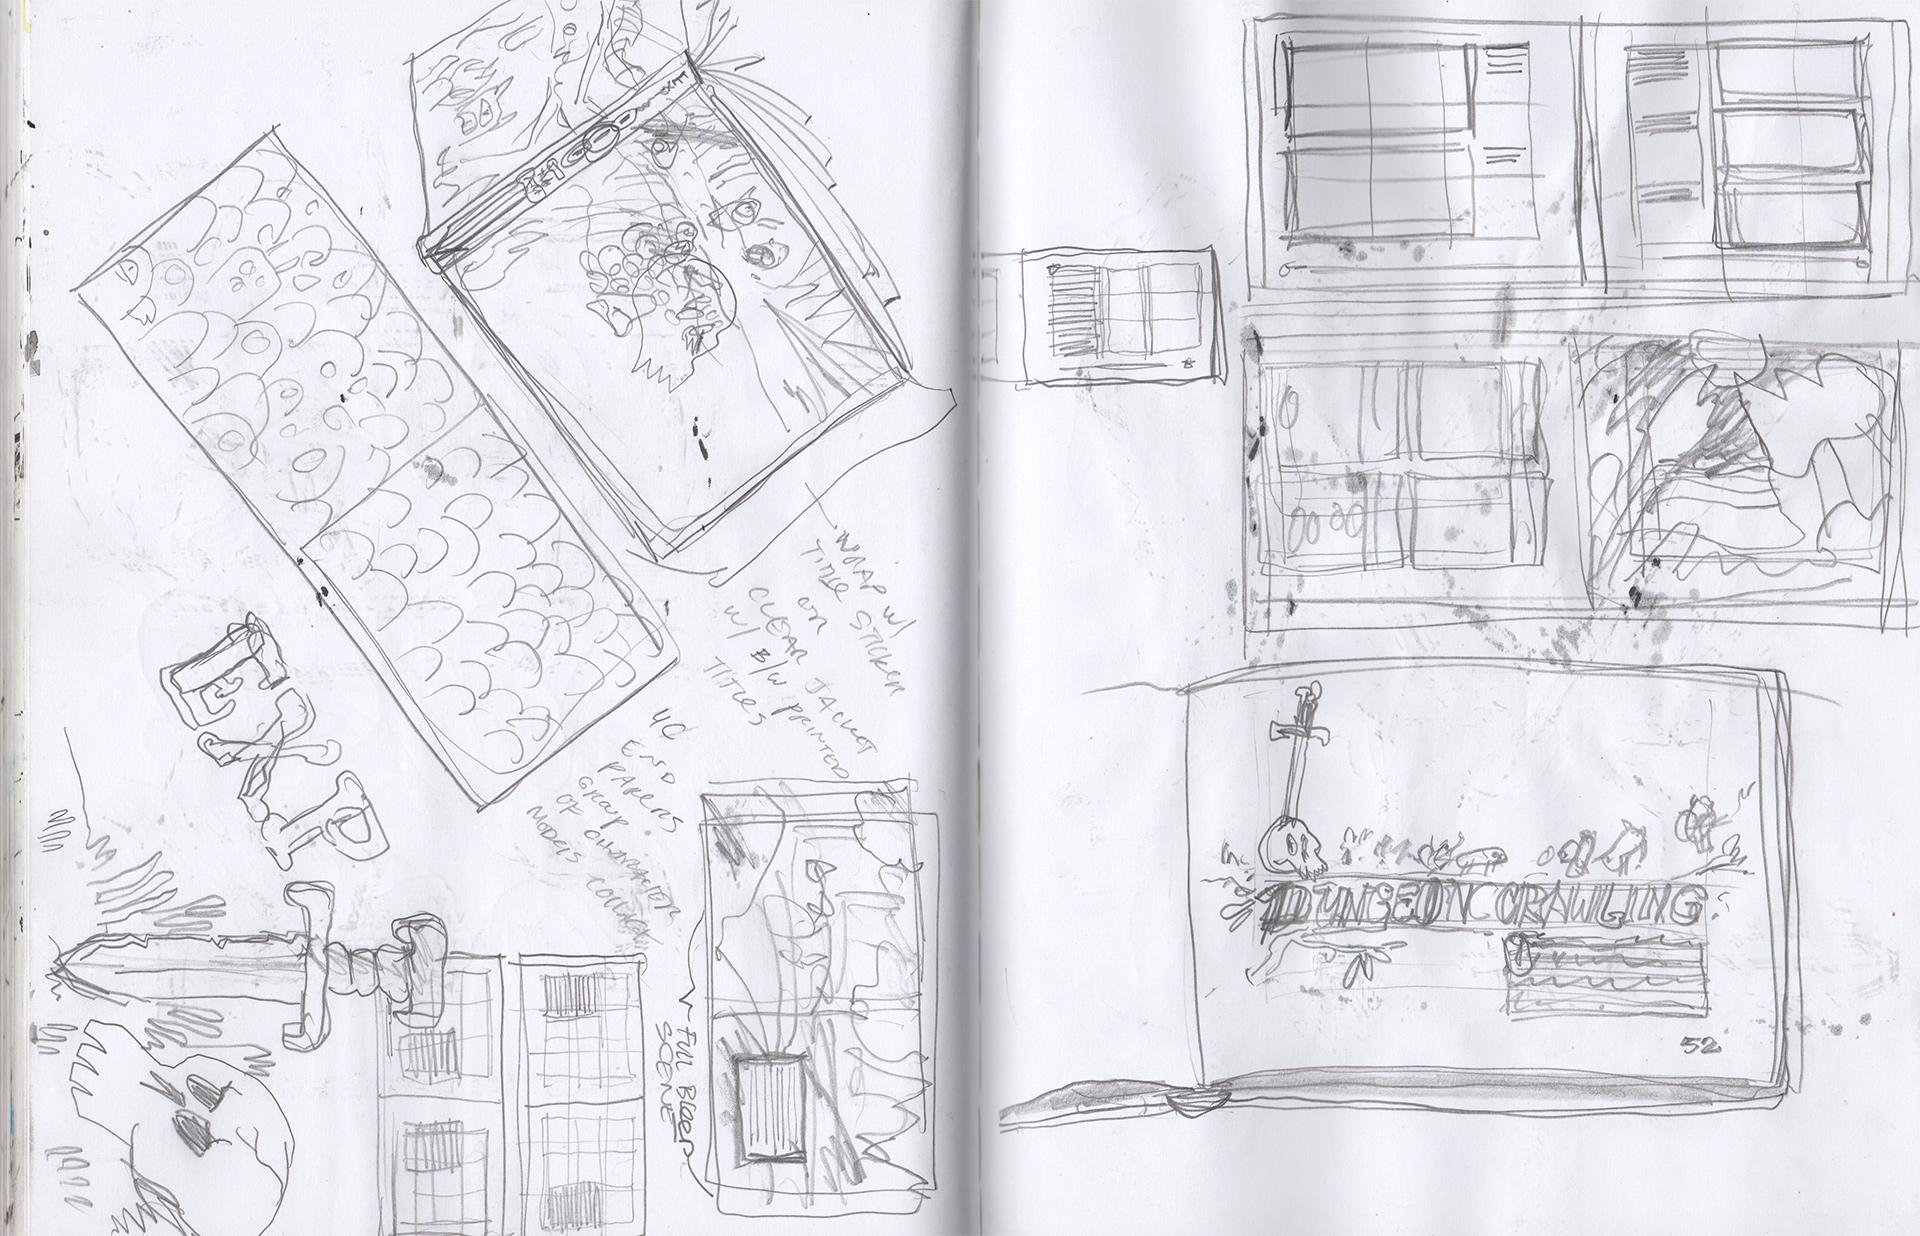 Ooo Sketchbook notes